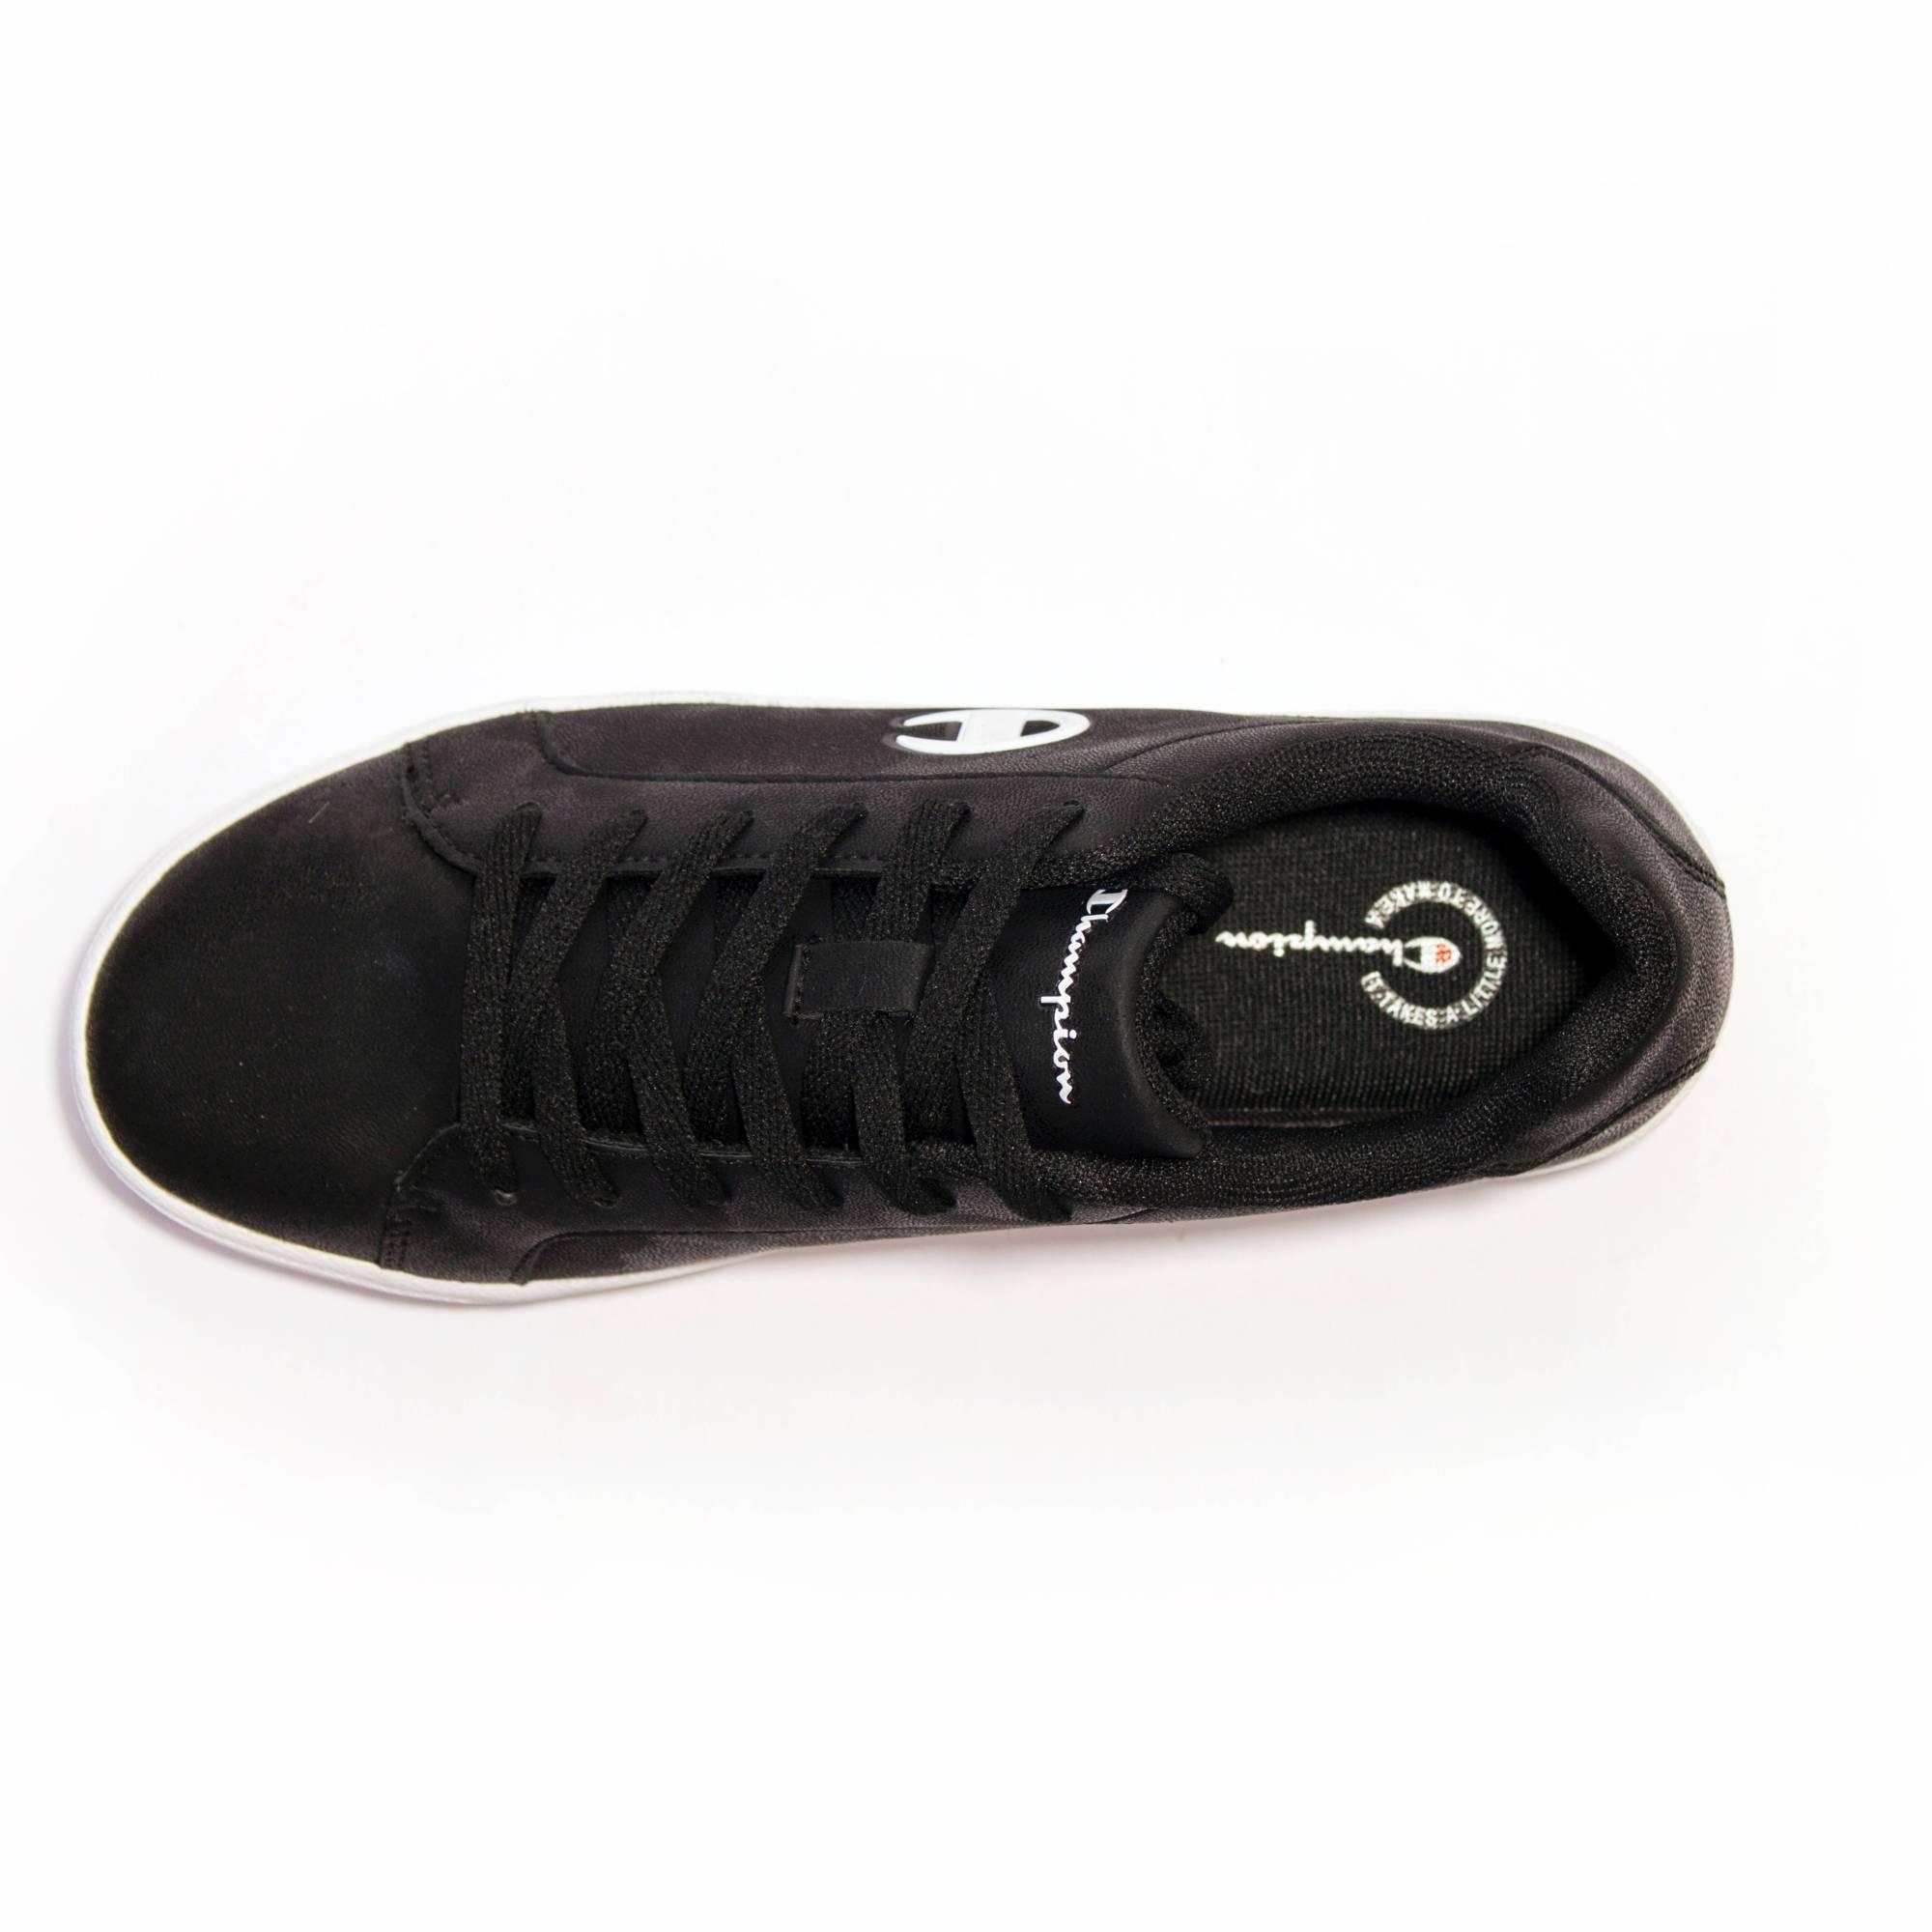 Großhandel CHICAGO LOW Schwarz Schuhe CHAMPION black PU